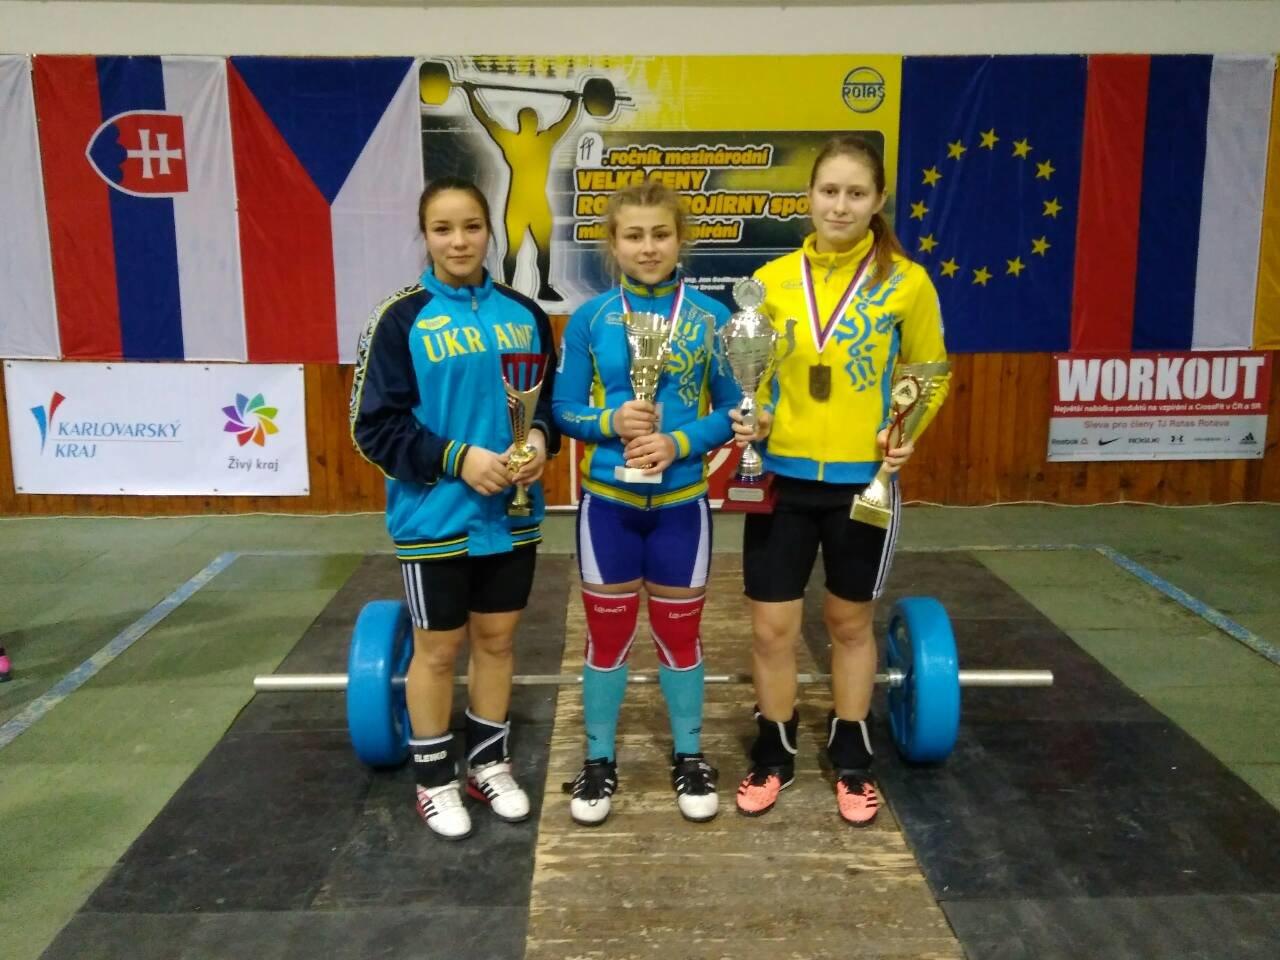 Білоцерківські спортсмени вибороли призові місця на Міжнародному турнірі з важкої атлетики, фото-7